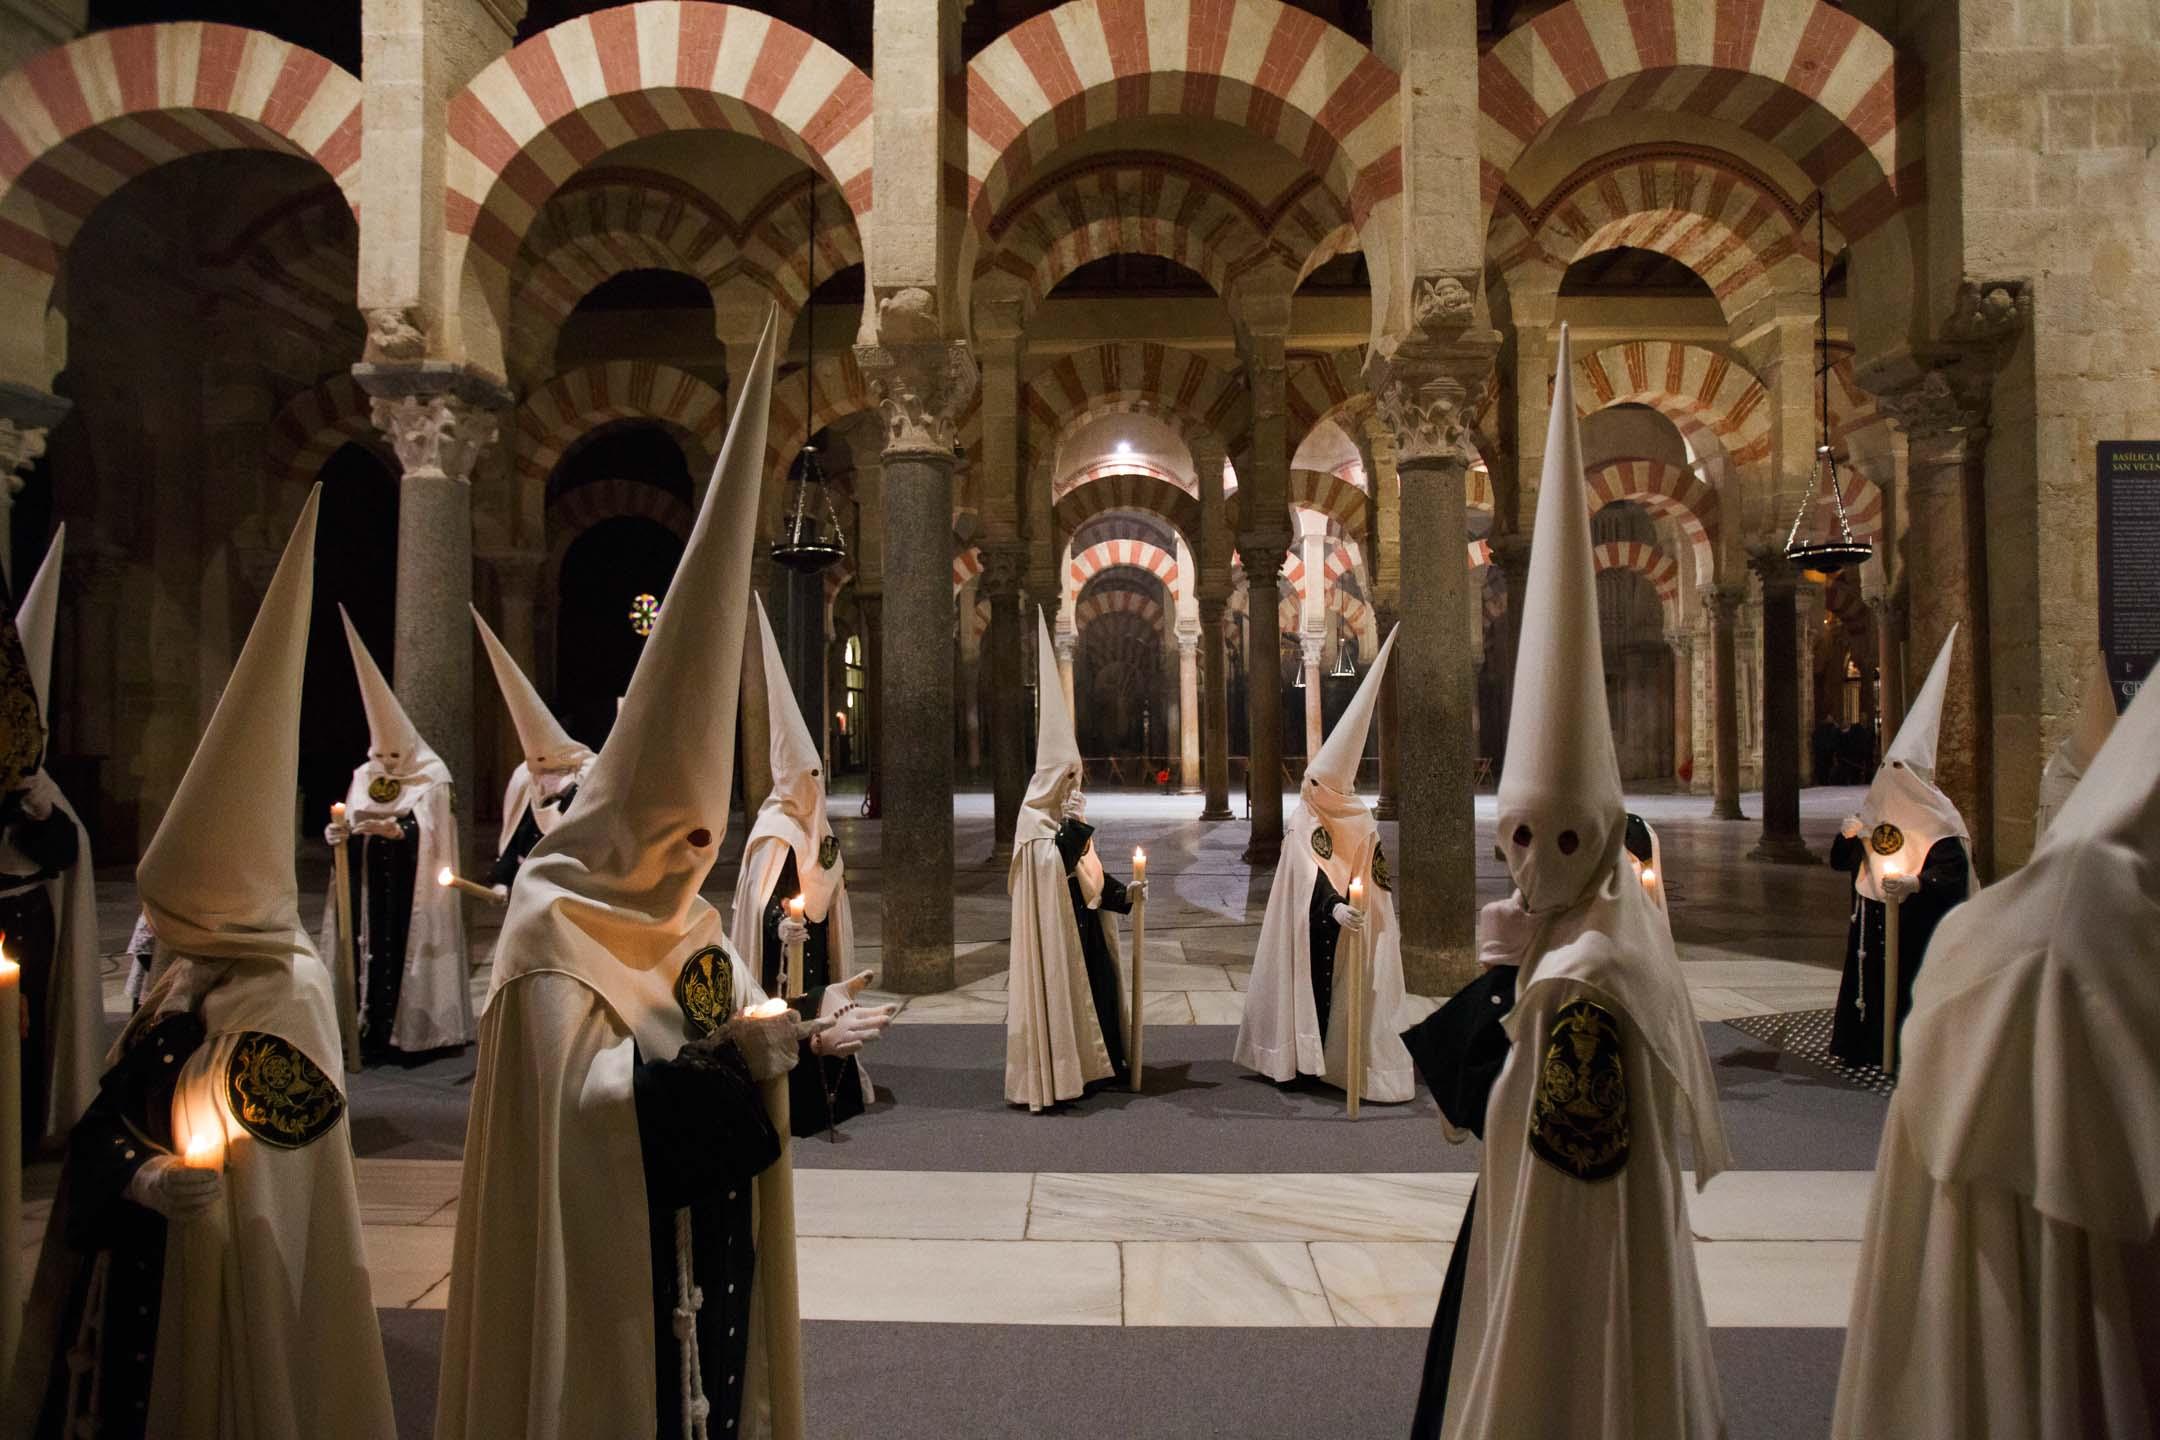 2018年3月25日,西班牙科爾多瓦,El Huerto 兄弟會的悔罪者在「棕櫚星期日」於科爾多瓦主教座堂裏進行宗教遊行。 攝:Pablo Blazquez Dominguez/Getty Images